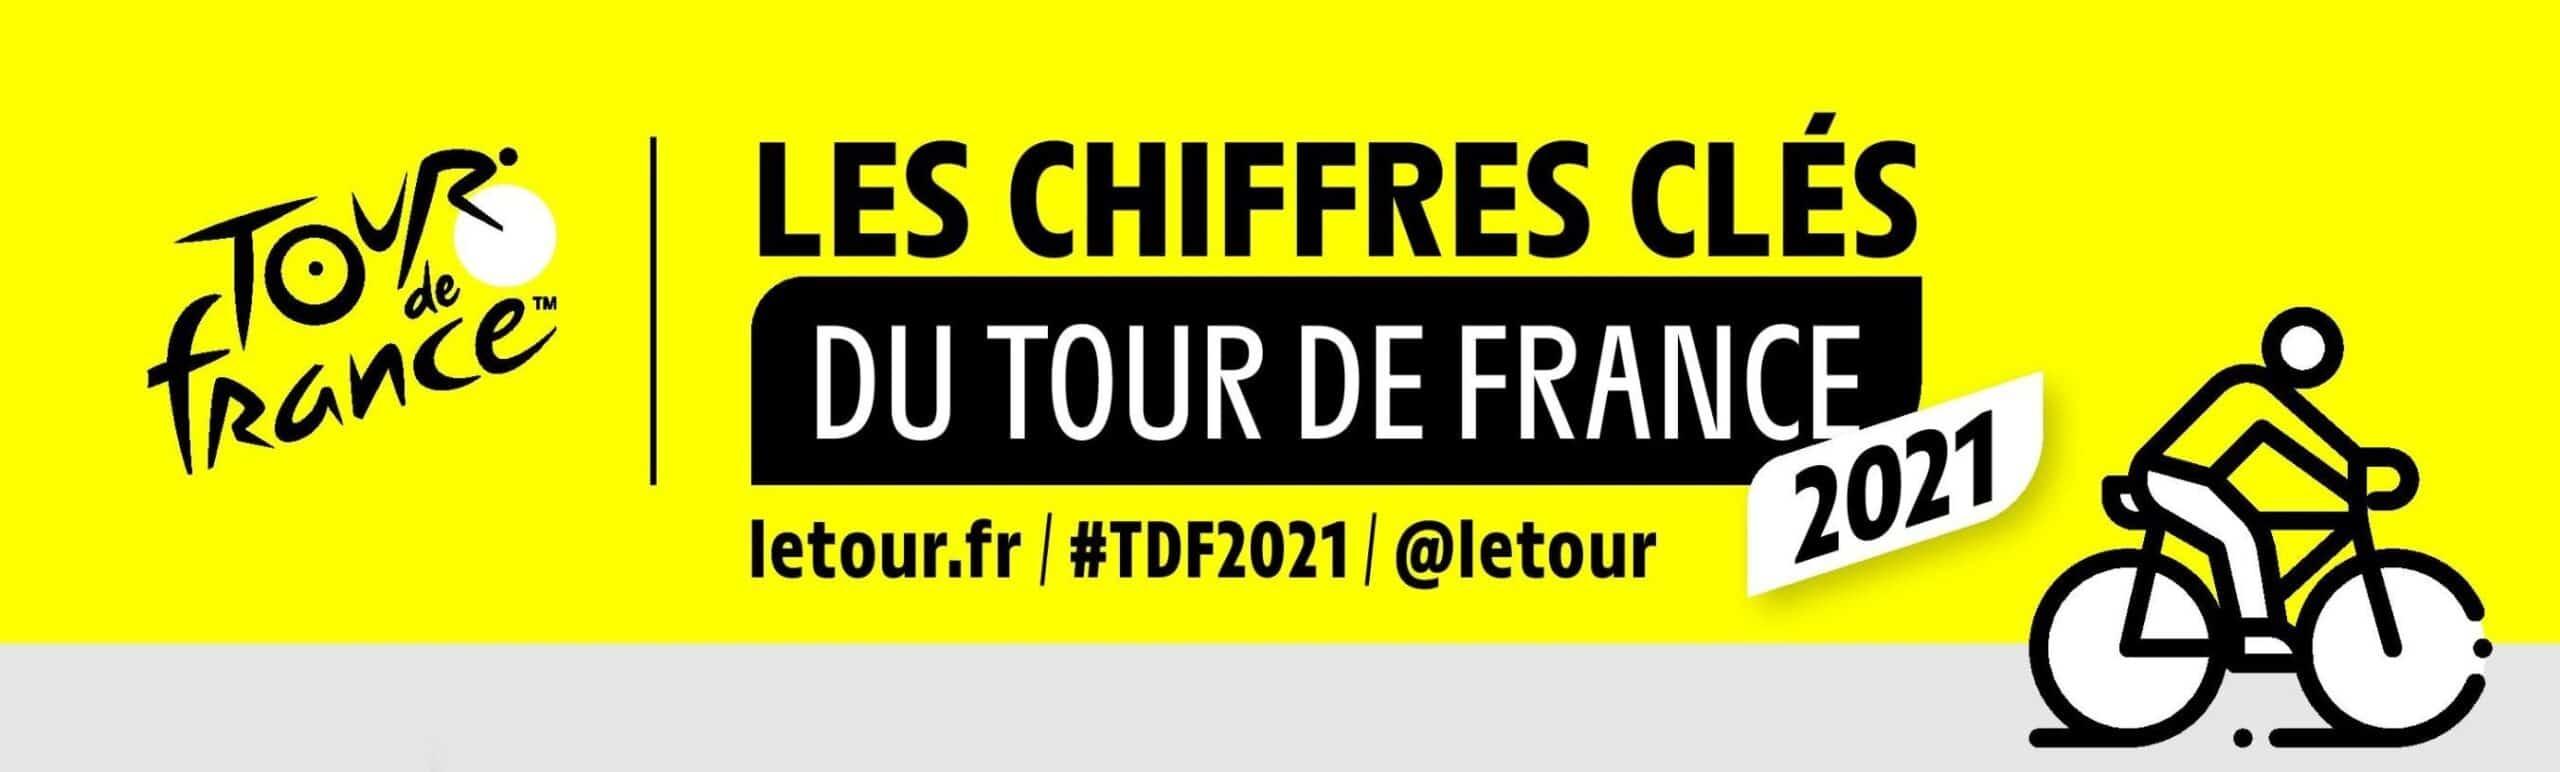 Les chiffres clés du Tour de France 2021